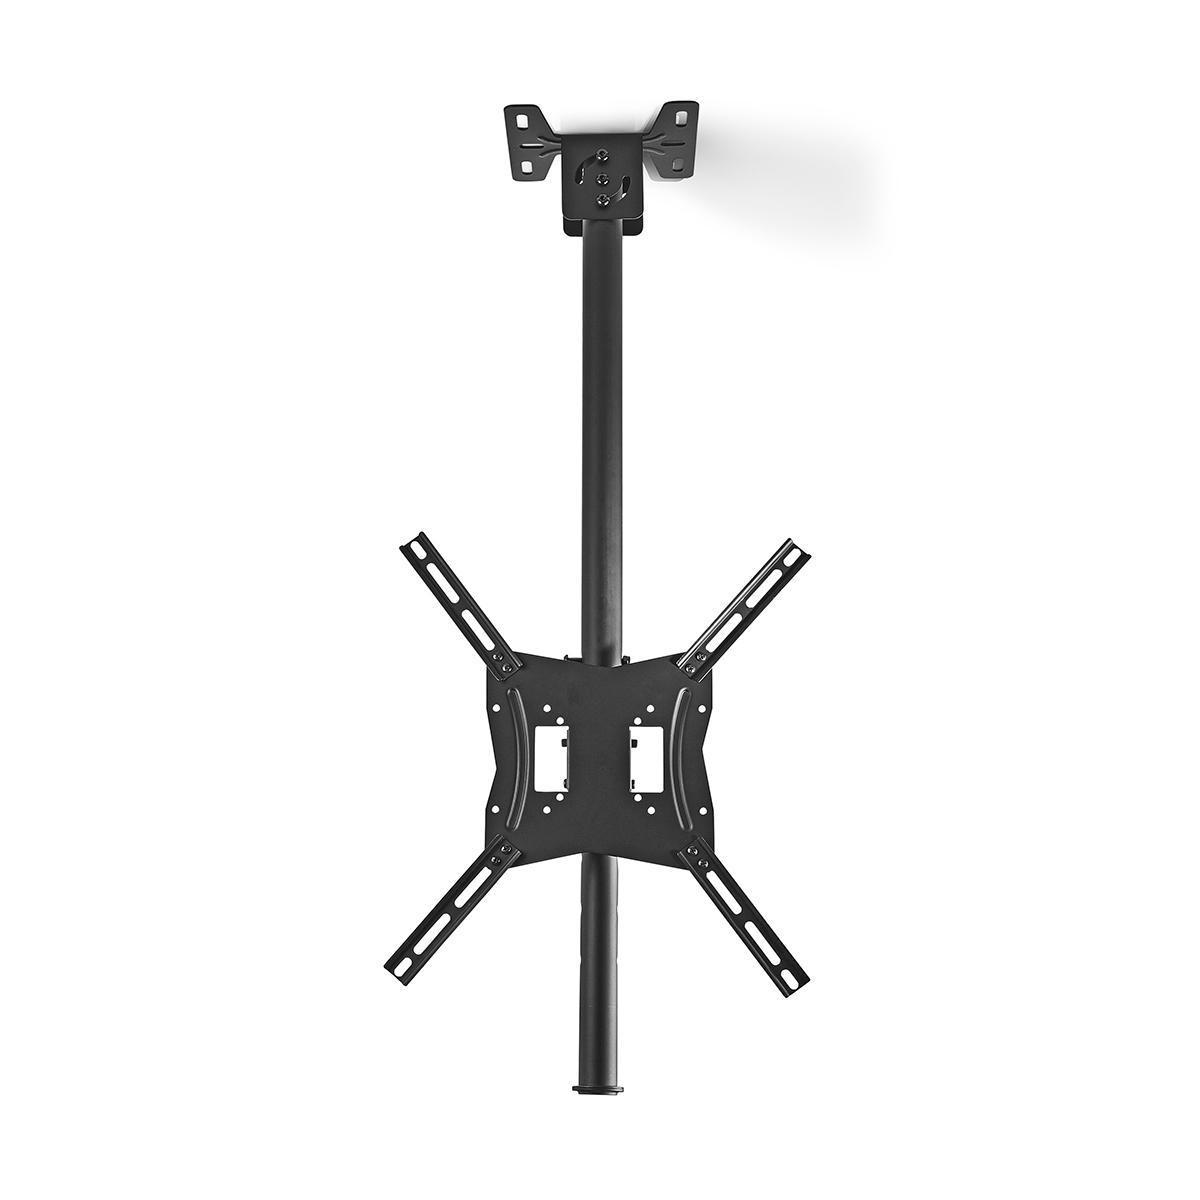 Questo supporto da soffitto TVCM1330BK di Nedis® è la soluzione più versatile per appendere la TV. Perché lasceresti che la tua TV occupi più spazio del necessario? Con questa staffa a soffitto puoi appendere facilmente la TV al soffitto.